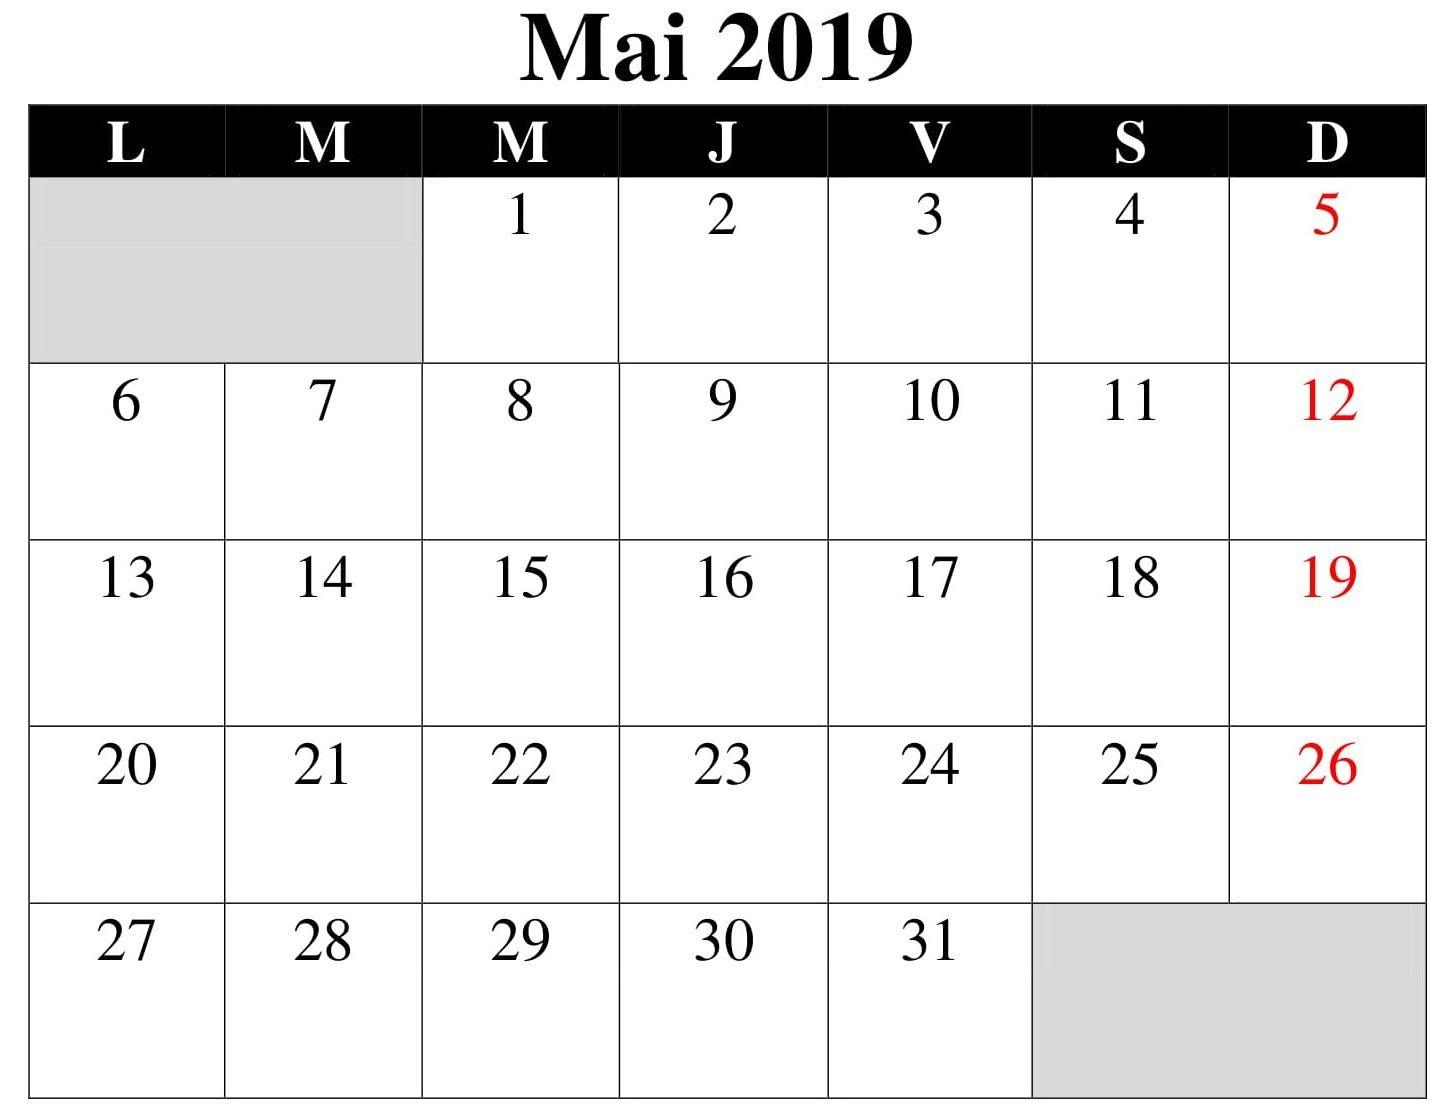 Calendrier Excell.Calendrier Mai 2019 Excel Mai Calendrier 2019 Calendar